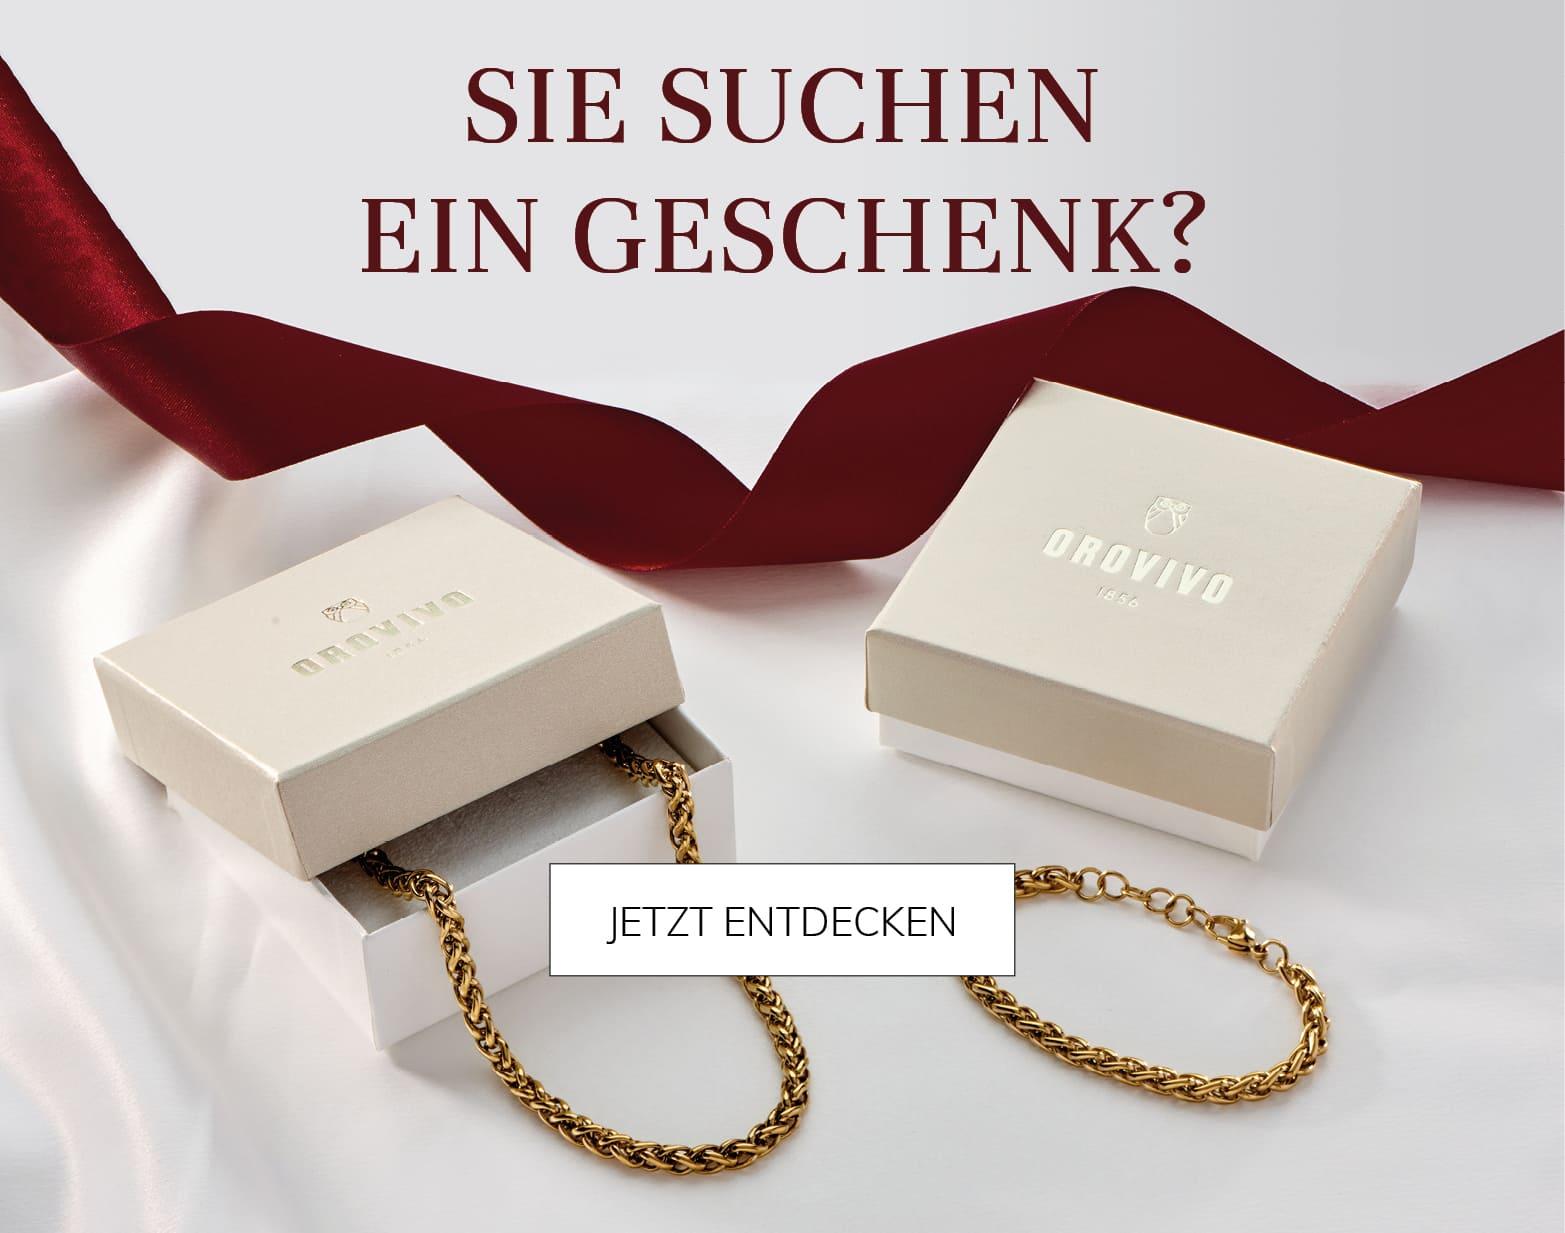 Geschenk suchen